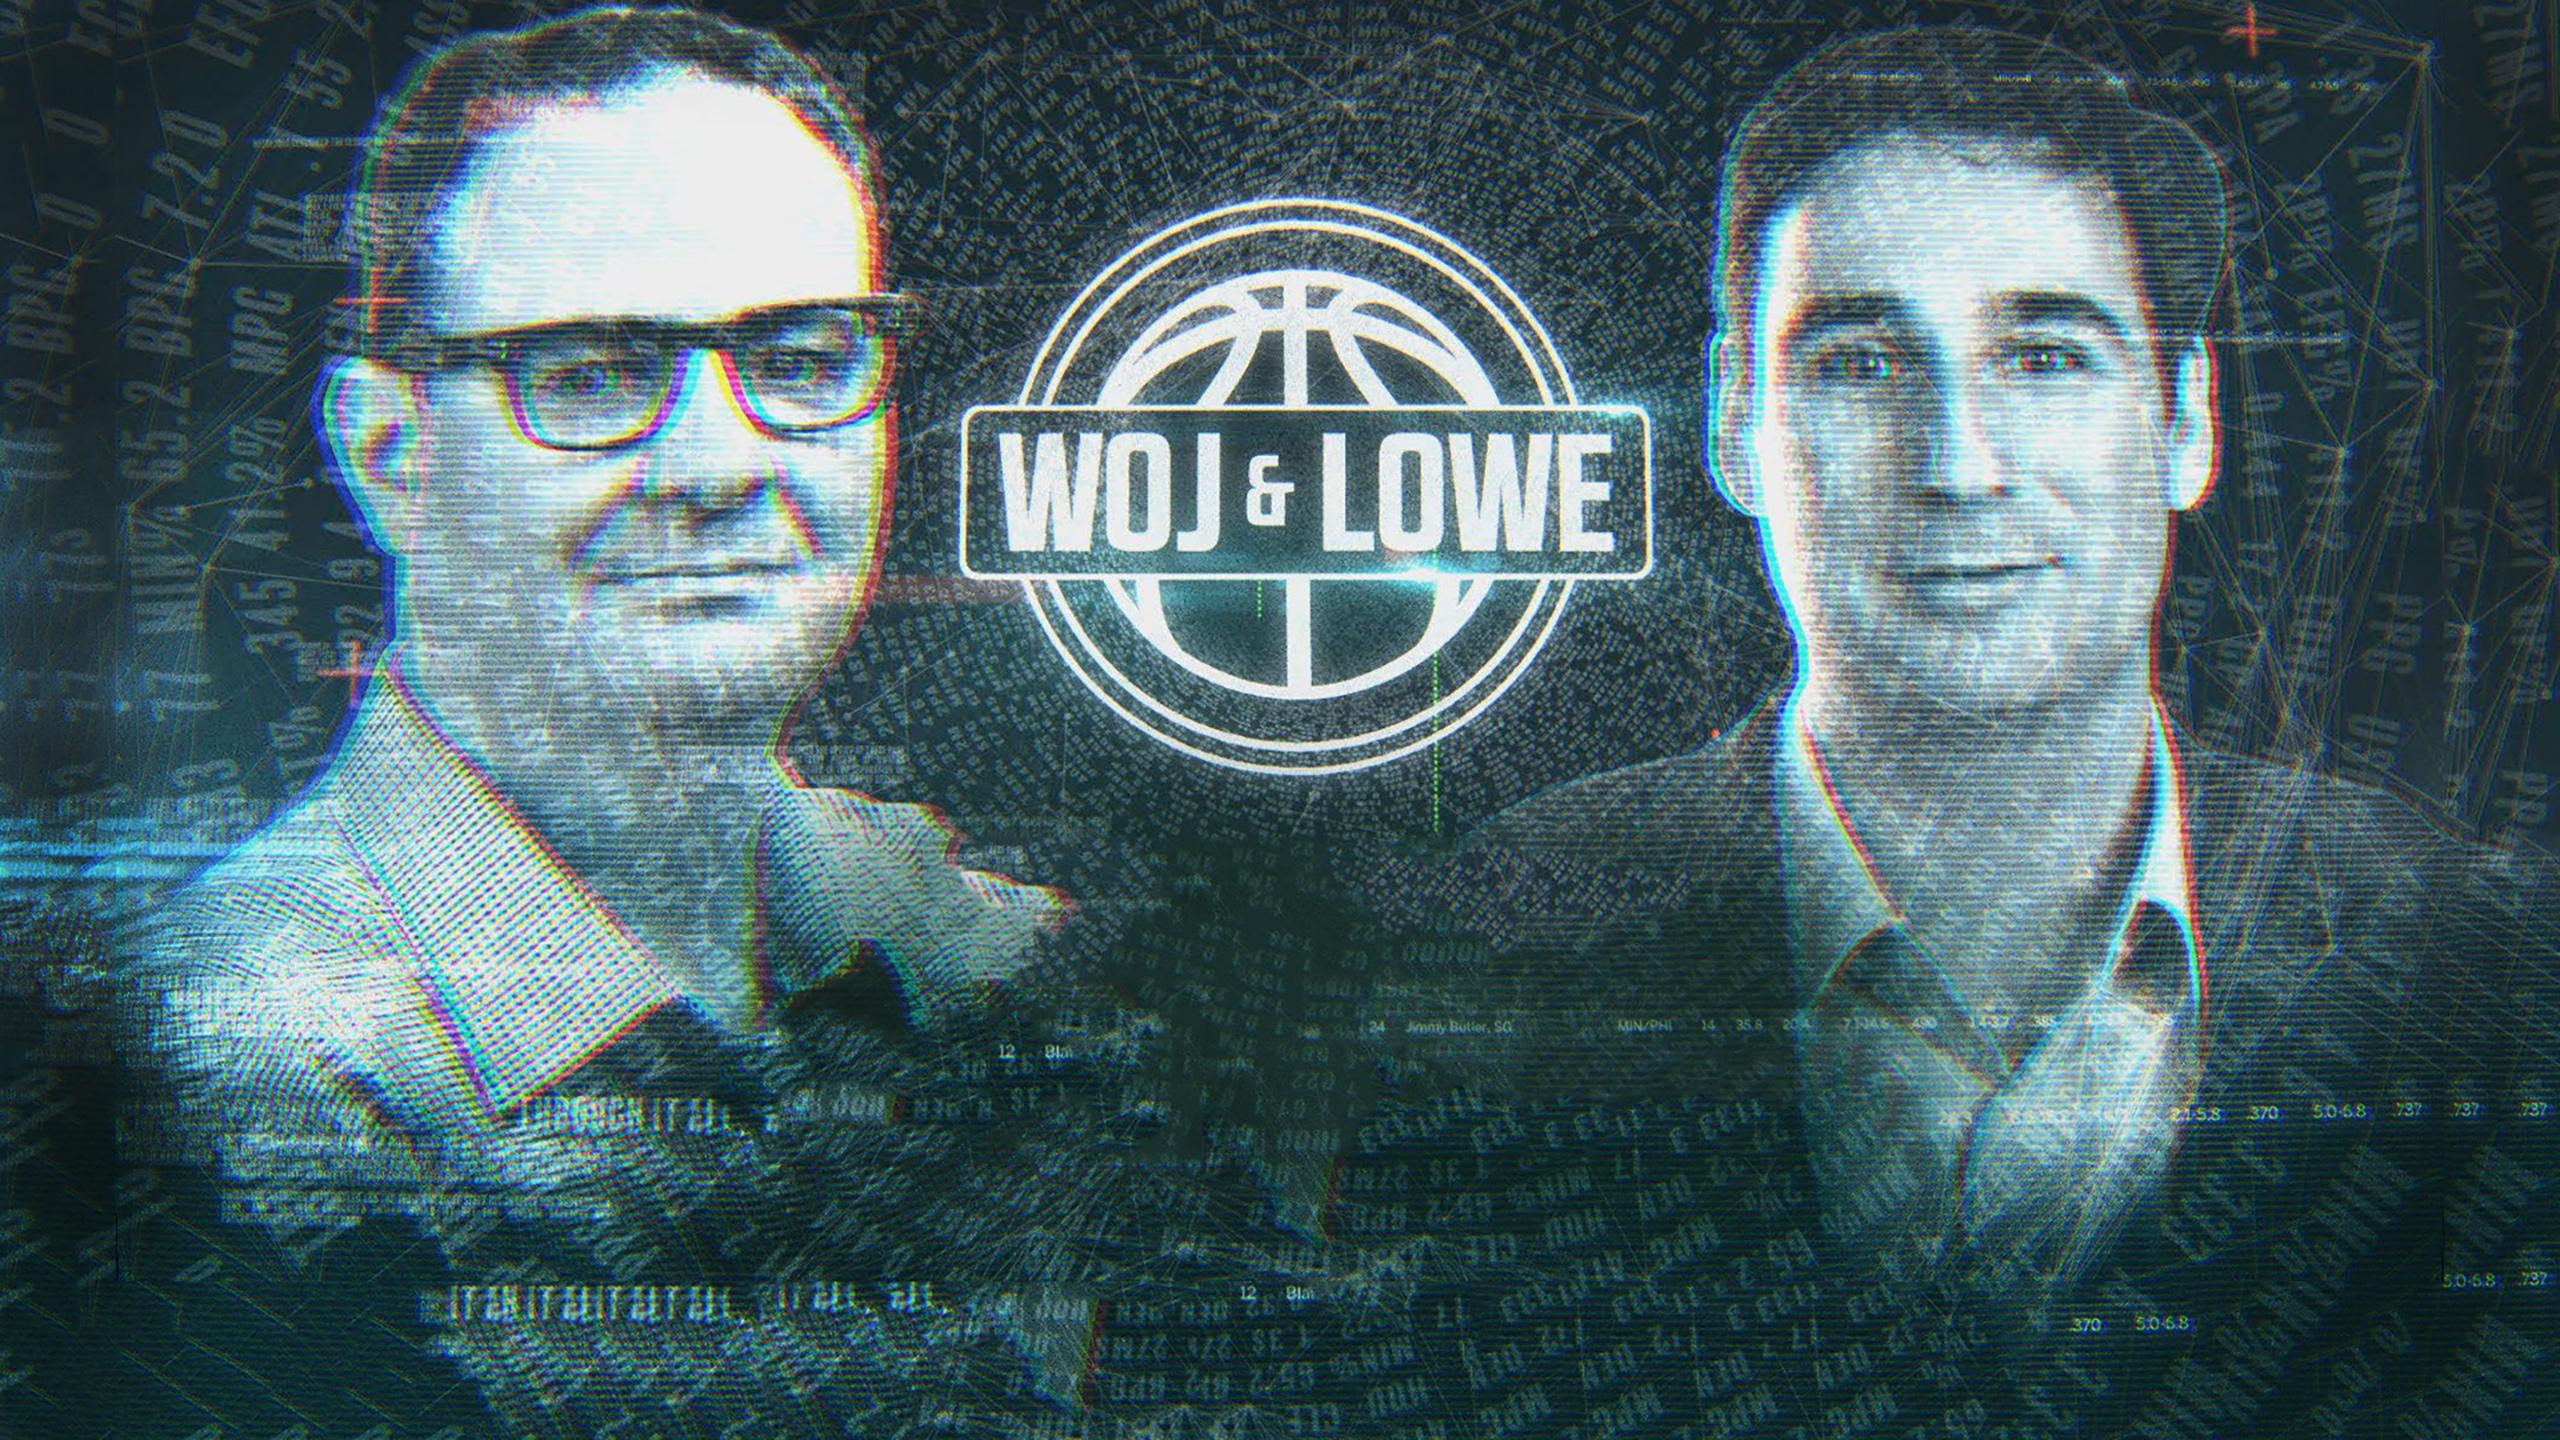 Sat, 12/15 - Woj & Lowe